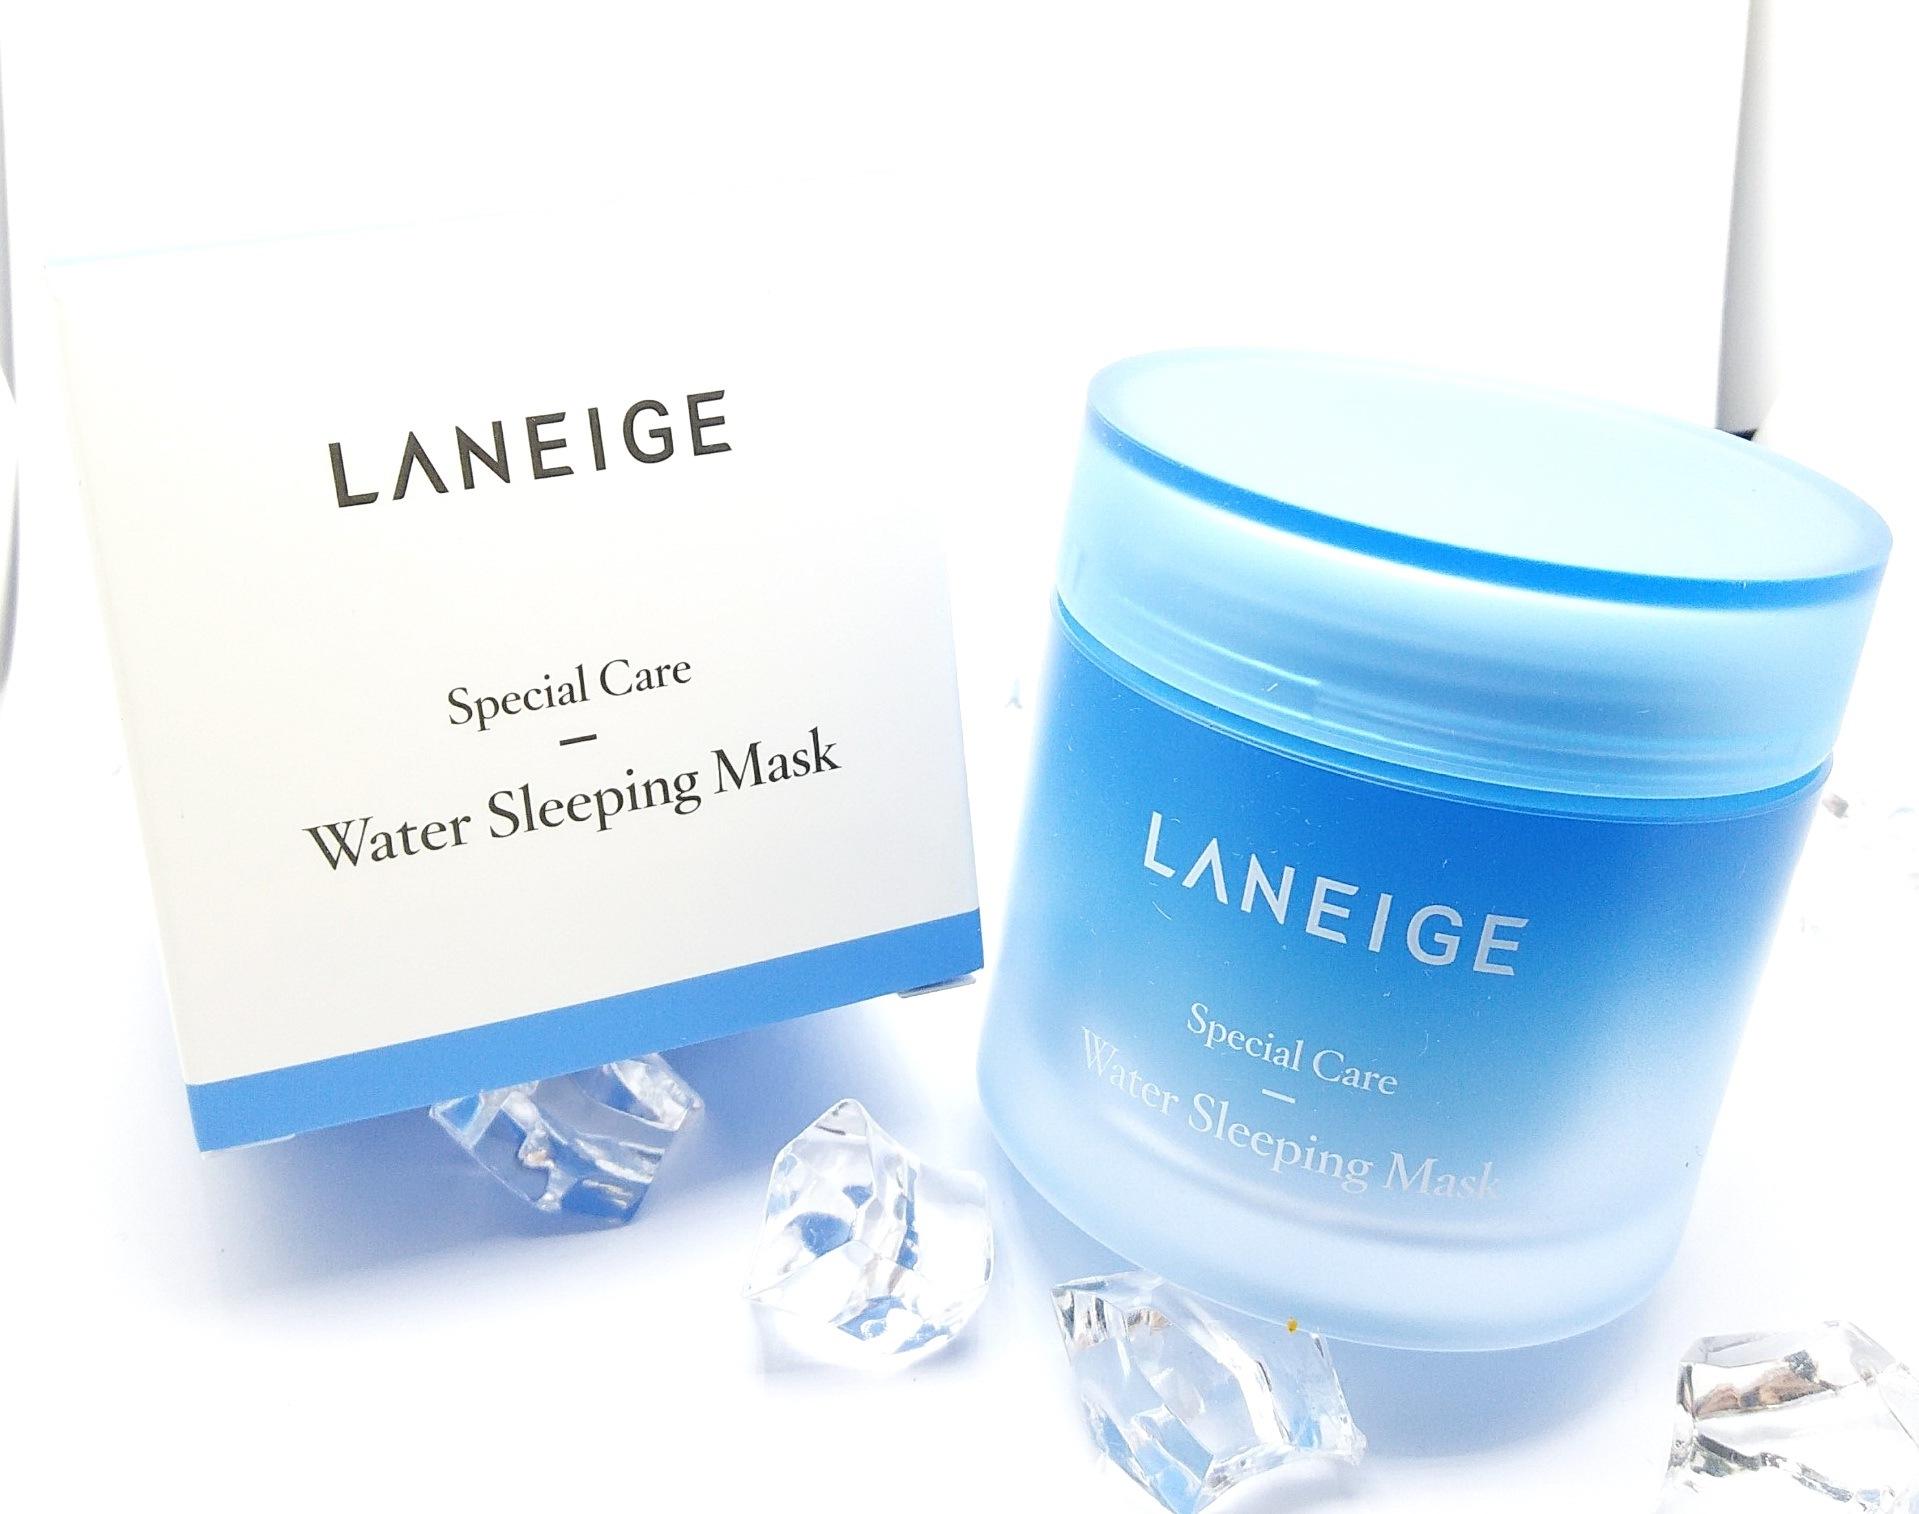 Laneige Water Sleeping Mask ขนาด 70ml. สลีปปิ้งมาสก์สูตรปรับปรุงใหม่ เพิ่มเทคโนโลยีอันเป็นลิขสิทธิ์เฉพาะของ Laneige ช่วยเพิ่มประสิทธิภาพในการบำรุงและฟื้นฟูผิวให้ล้ำลึก และ ยาวนานตลอด 8 ชั่วโมงของการพักผ่อนยามค่ำคืน เพื่อผลลัพธ์ที่ได้คือ ผิวเปล่งปลั่ง กระจ